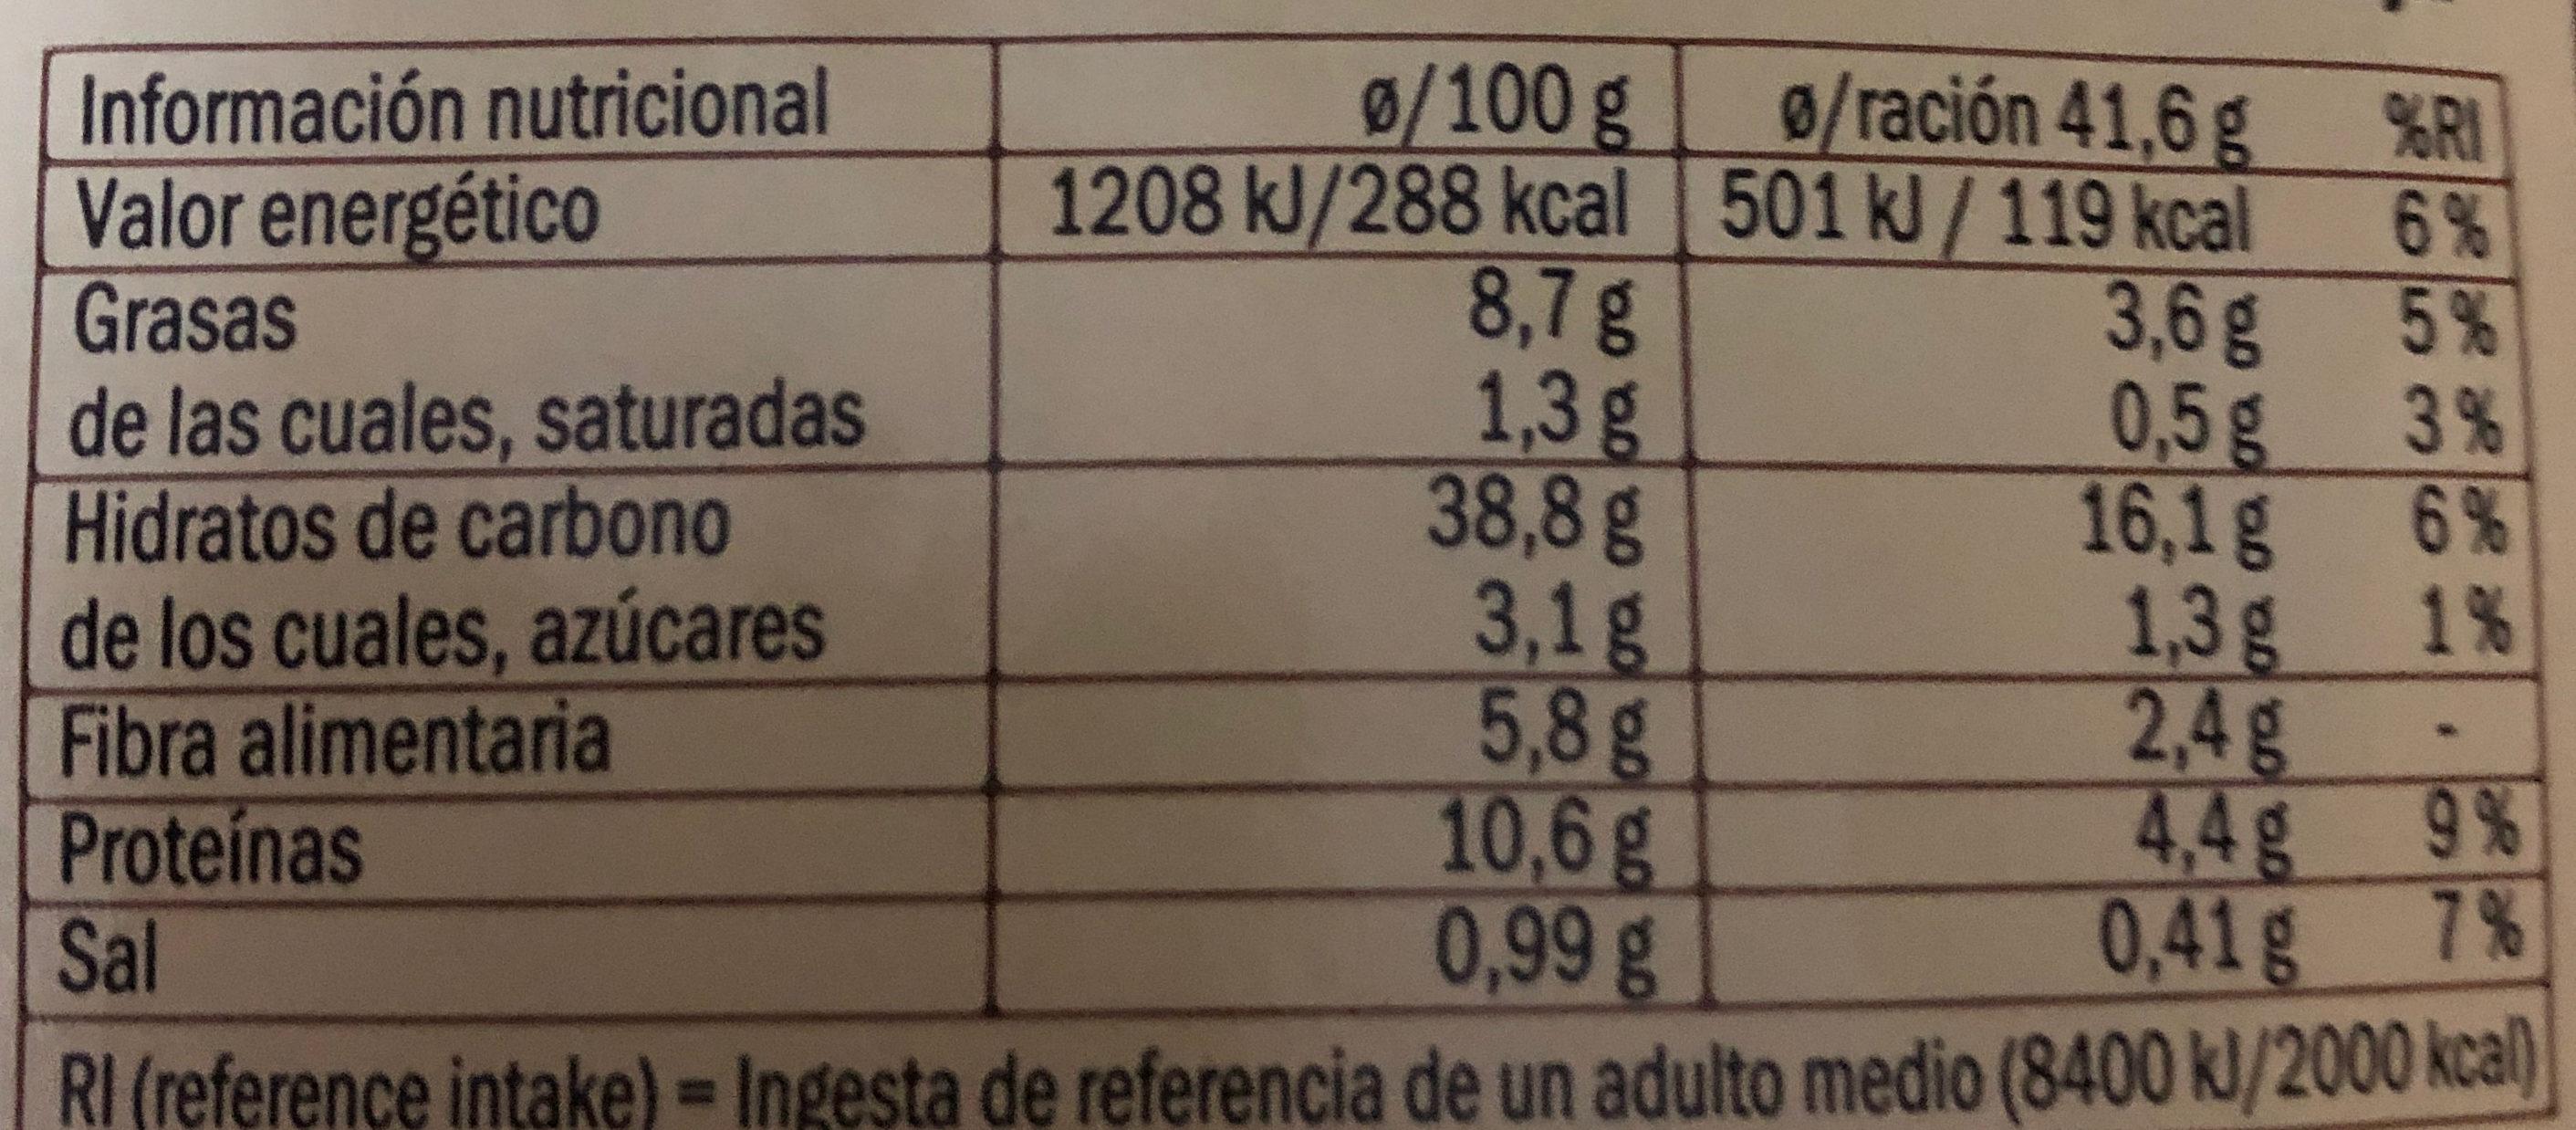 Pan semillas de Amapola - Voedingswaarden - es